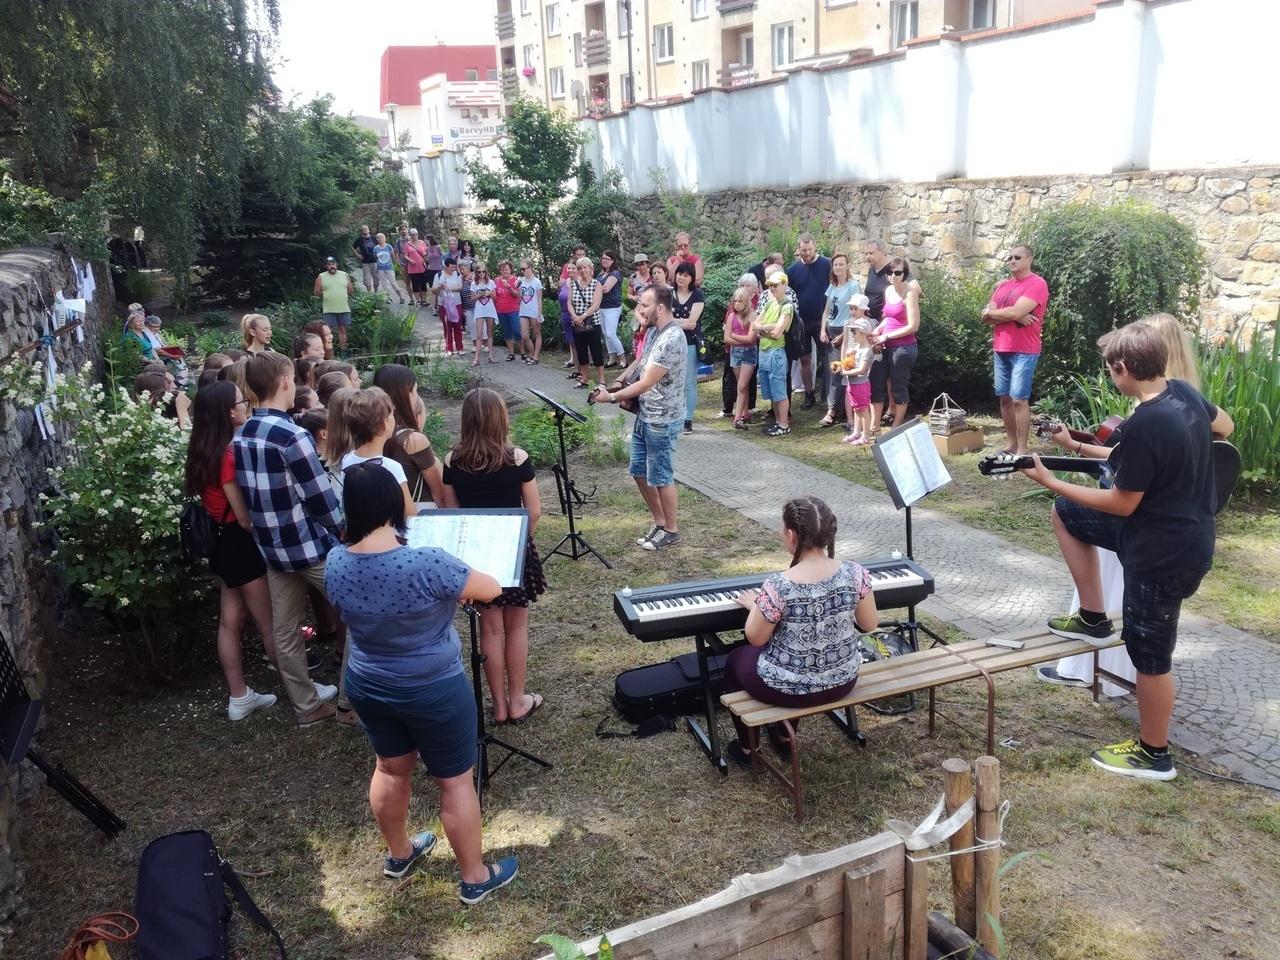 Víkend otevřených zahrad s Oříškem - fotogalerie